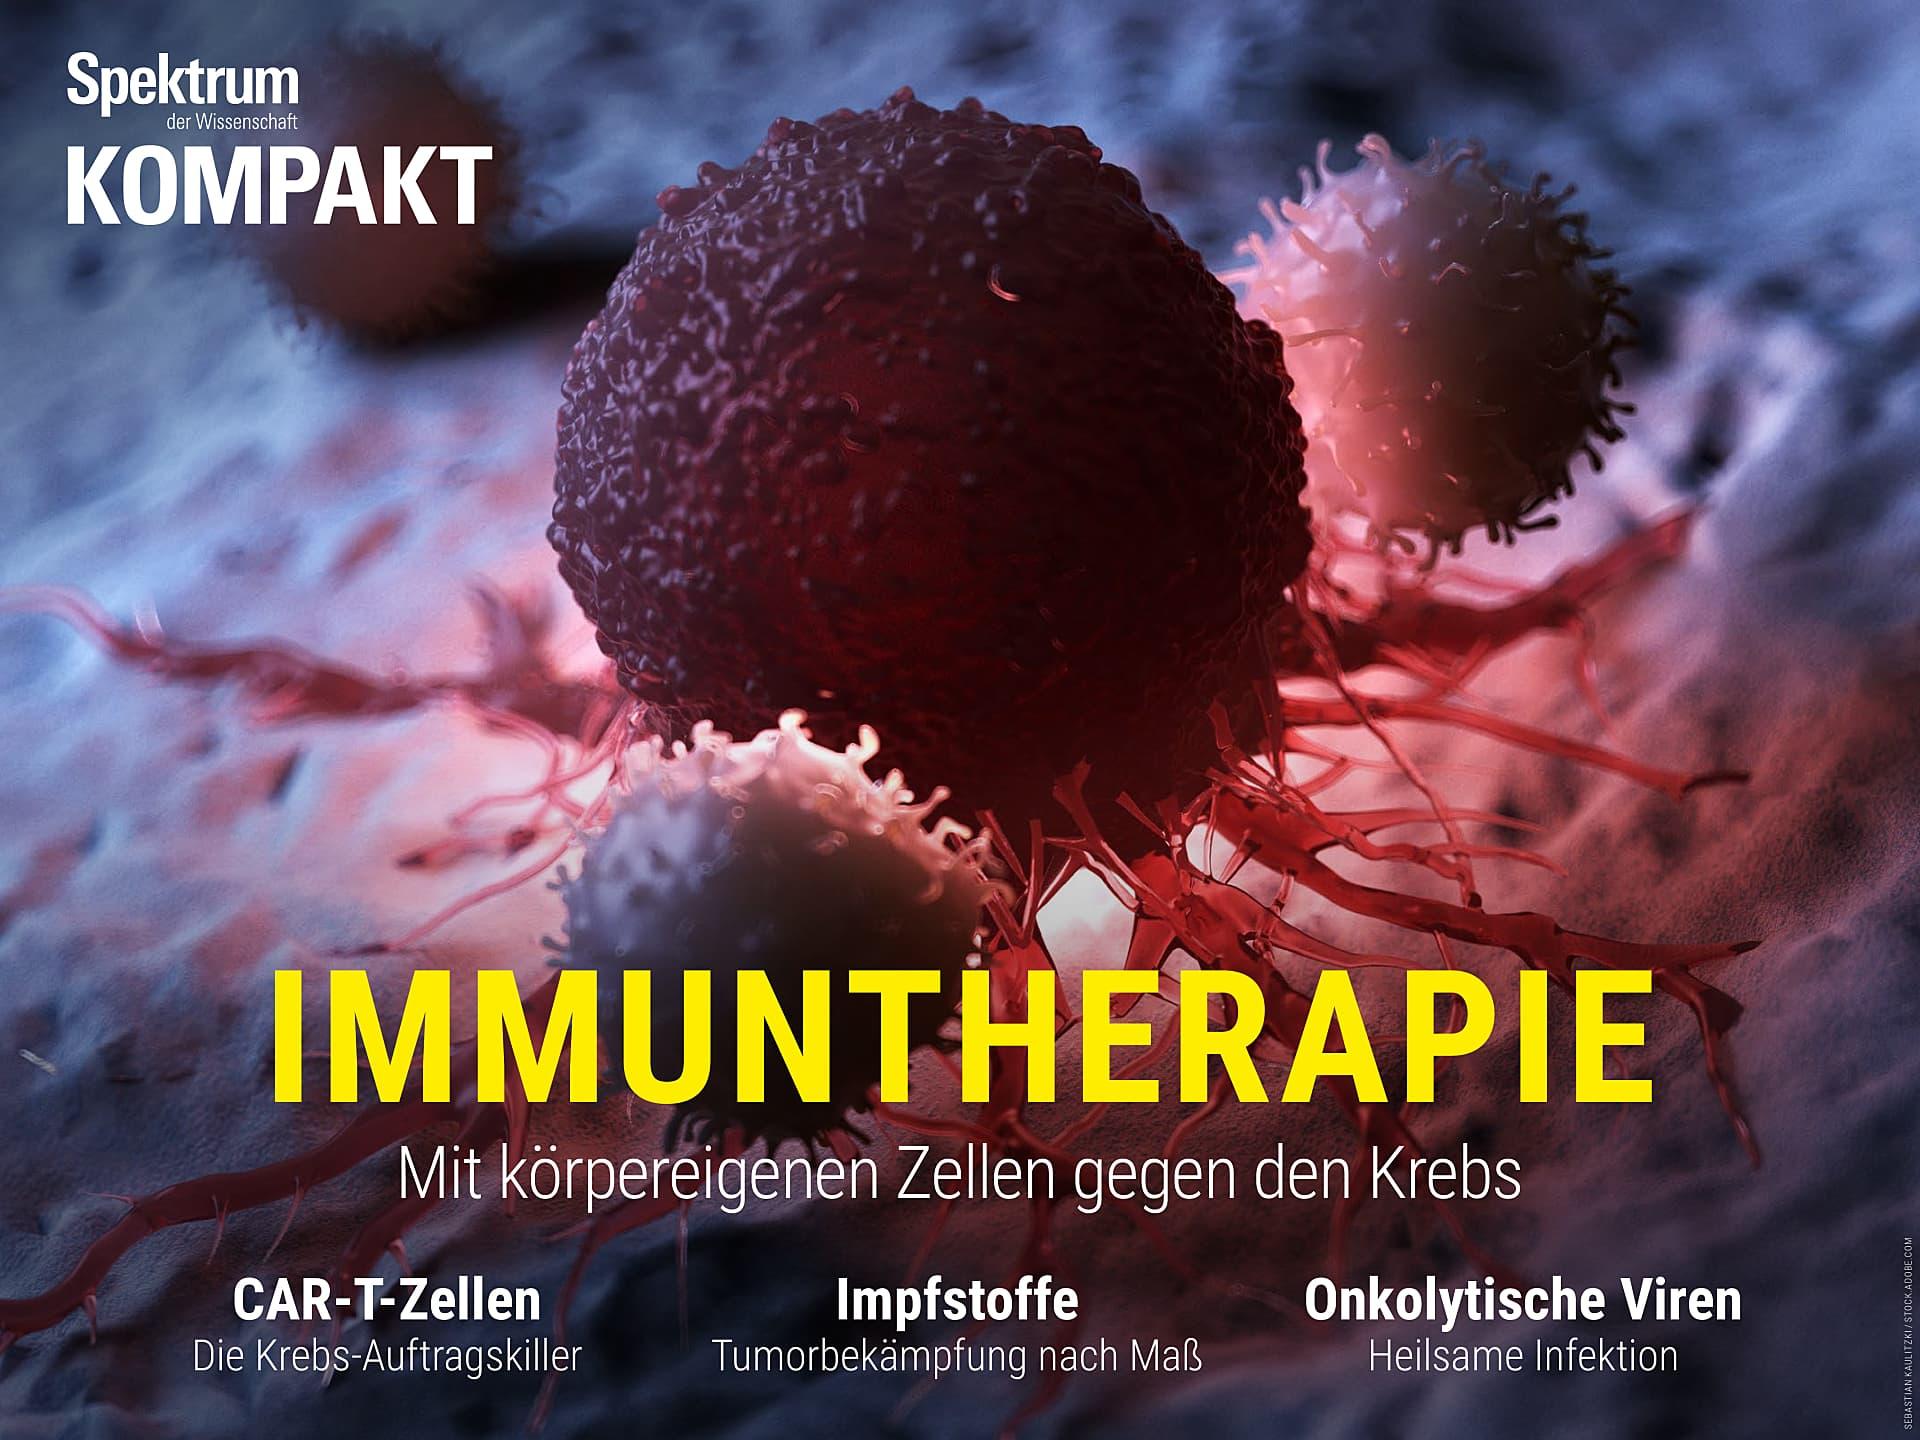 Immuntherapie - Mit körpereigenen Zellen gegen den Krebs